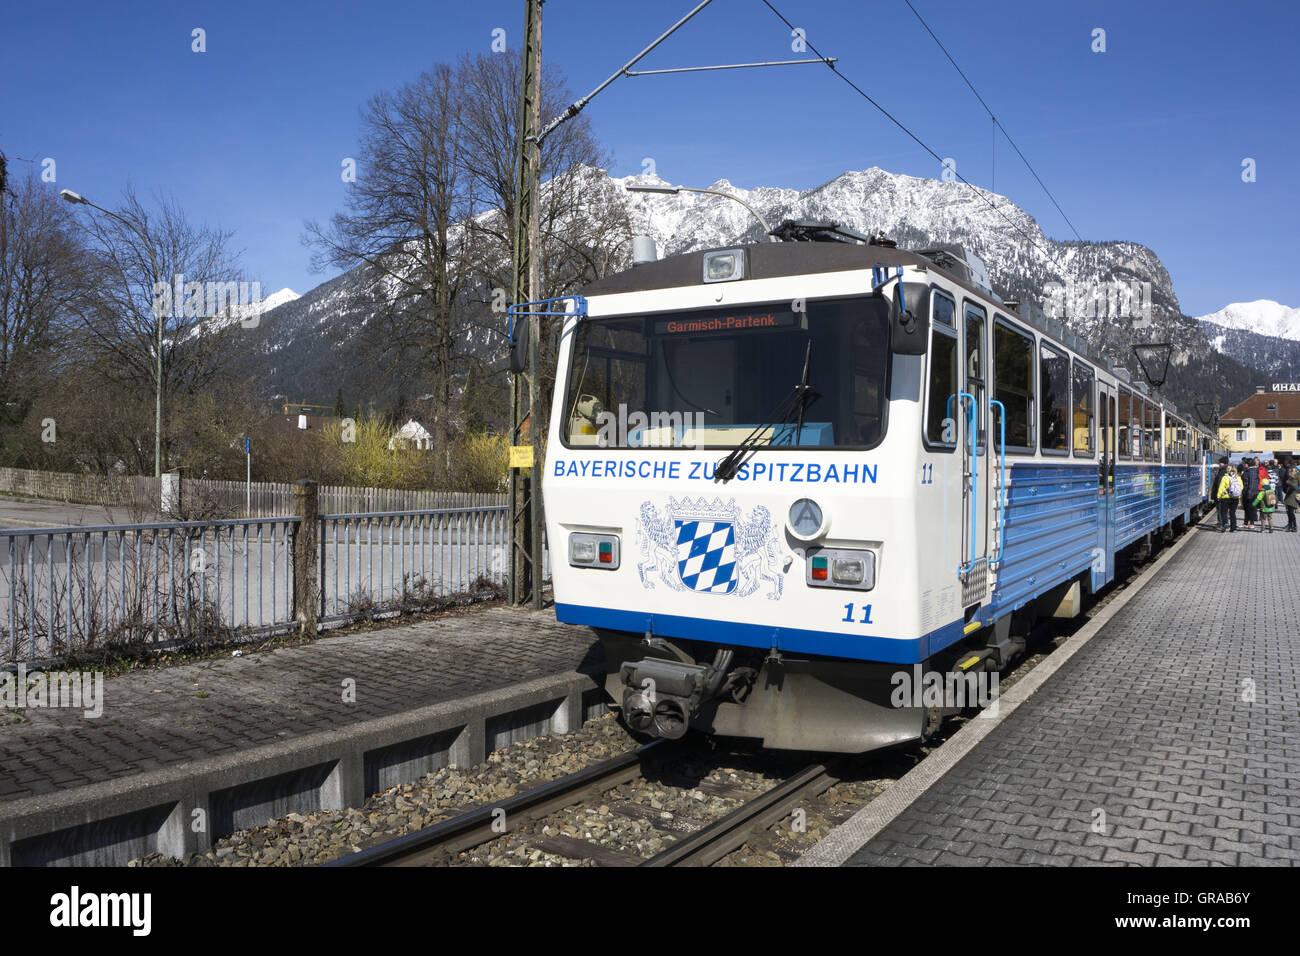 Bayerische Zugspitzbahn Railway, Grainau, Werdenfelser Land, Upper Bavaria, Bavaria, Germany, Europe - Stock Image